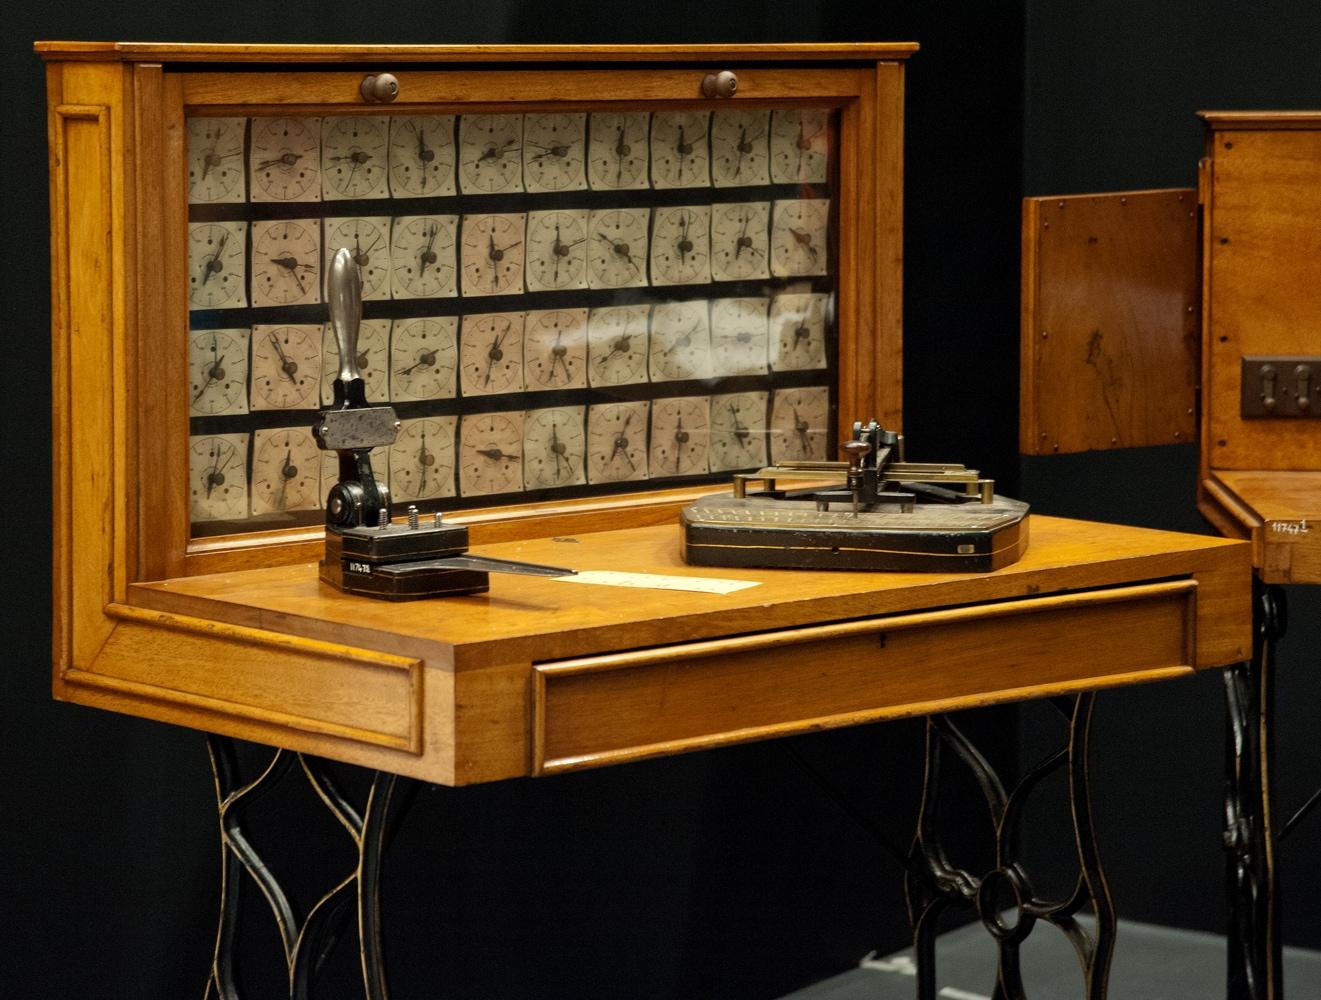 Ensemble des 35 volumes de l'Encyclopédie Bibliothèque municipale de Lyon. Crédit: Olivier Garcin, Musée des Confluences, Lyon